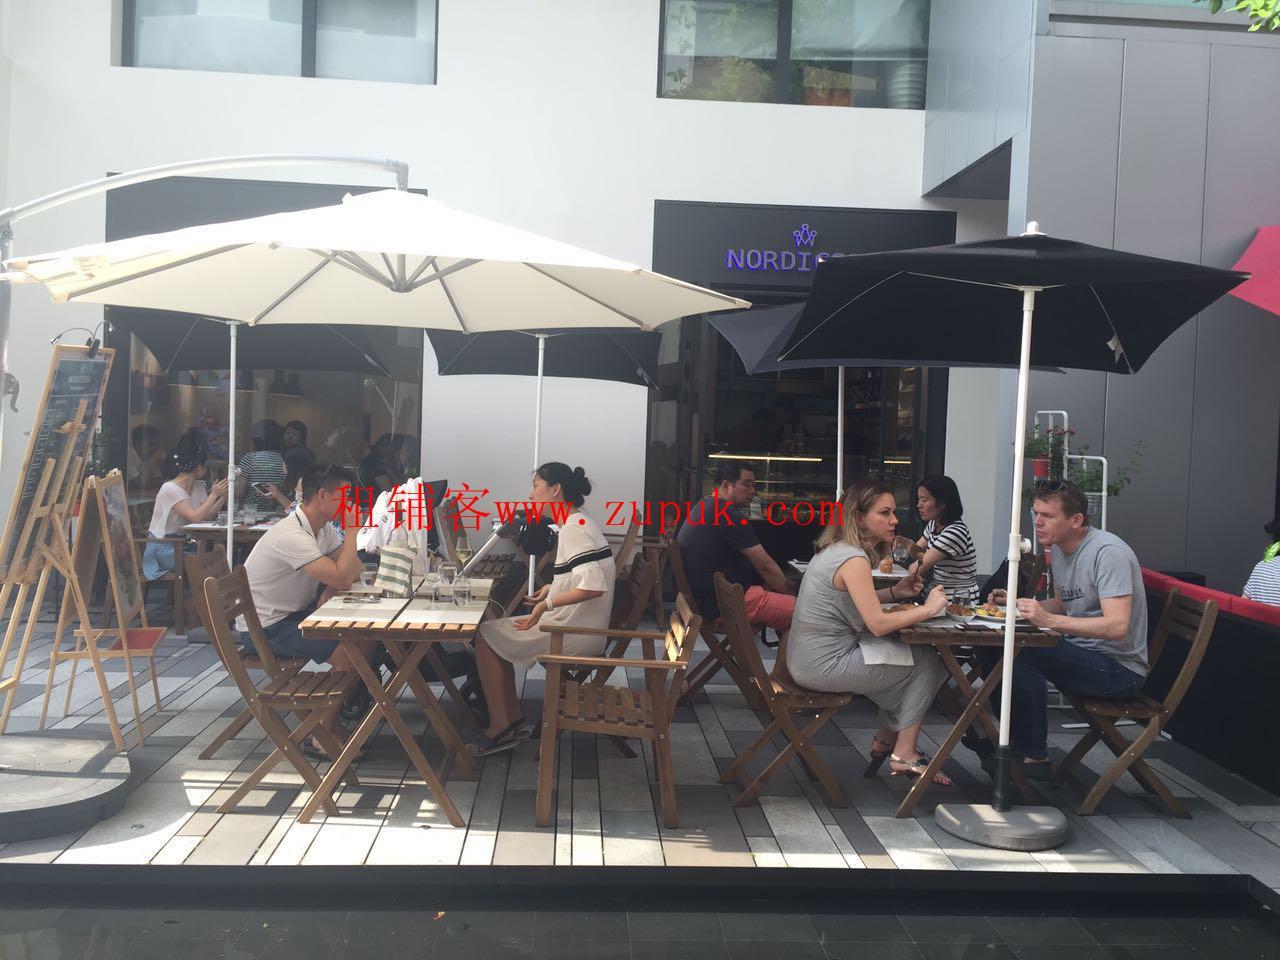 北京路旺铺招租沿街带外摆,咖啡 烘焙 甜品 奶茶 简餐超合适